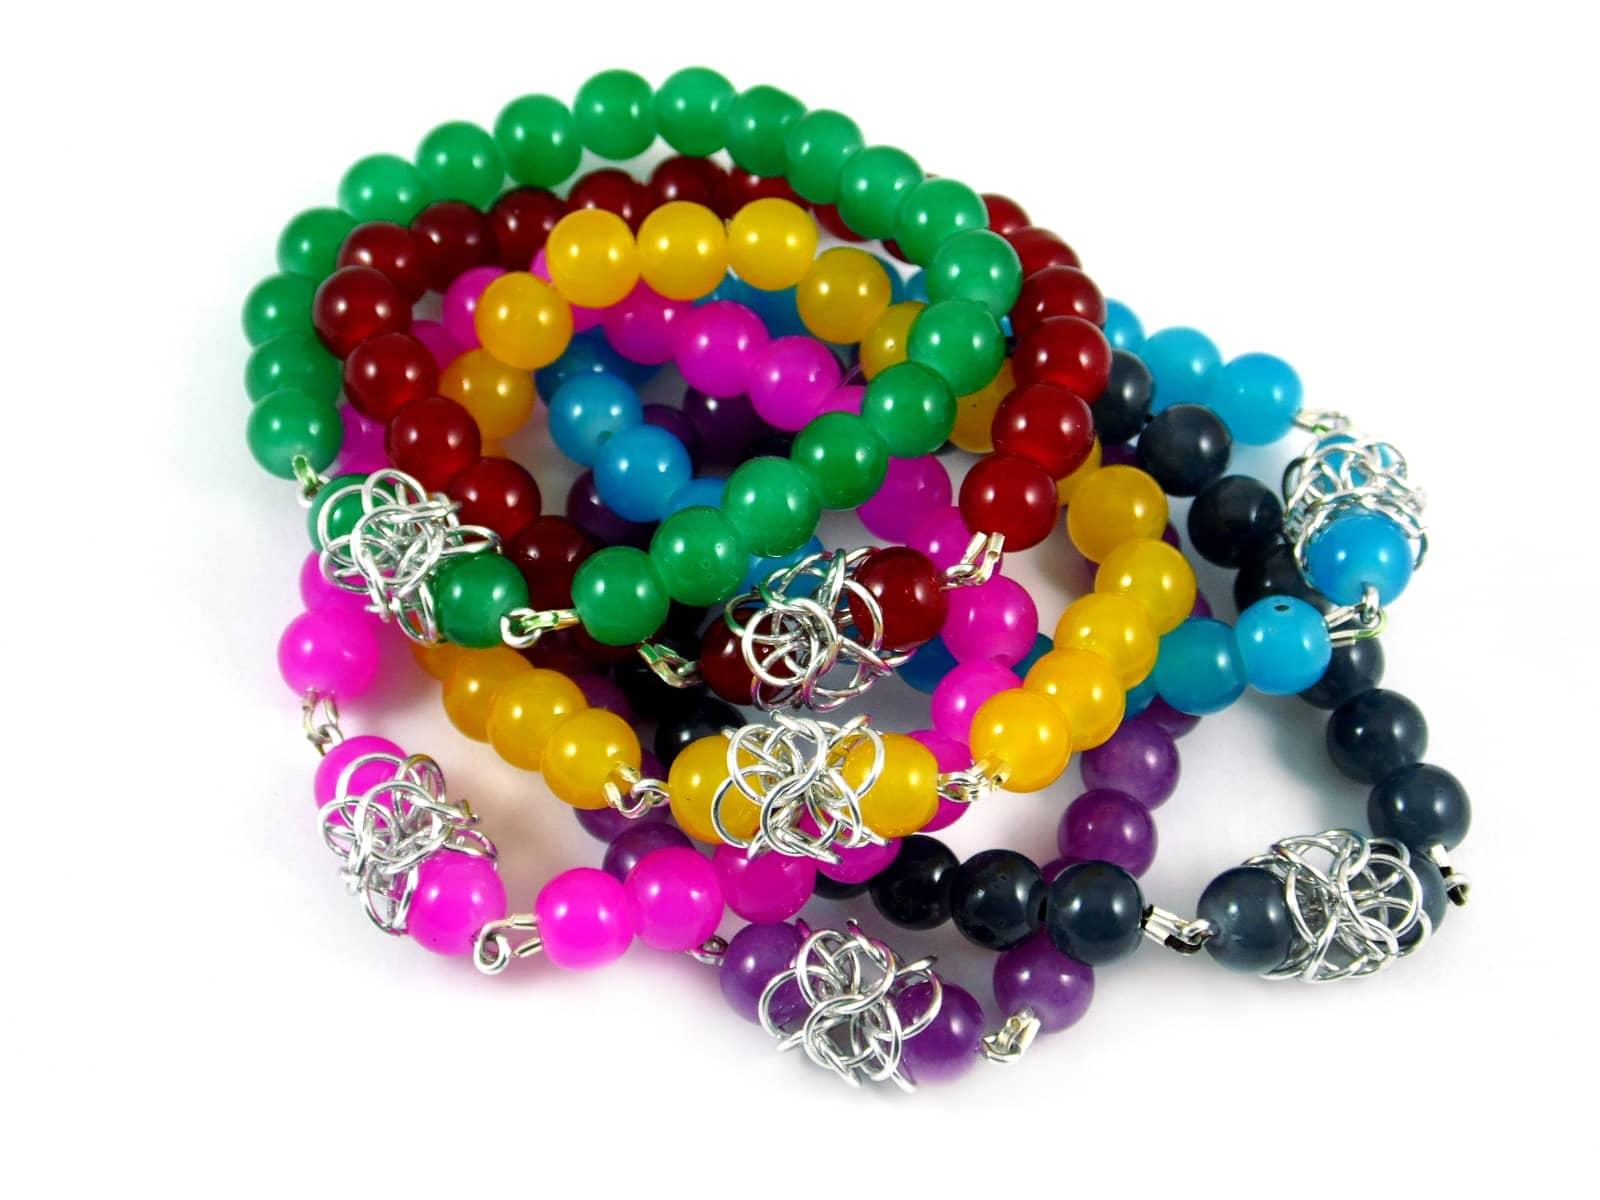 Kolorowe bransoletkina gumce z elementami chainmaille